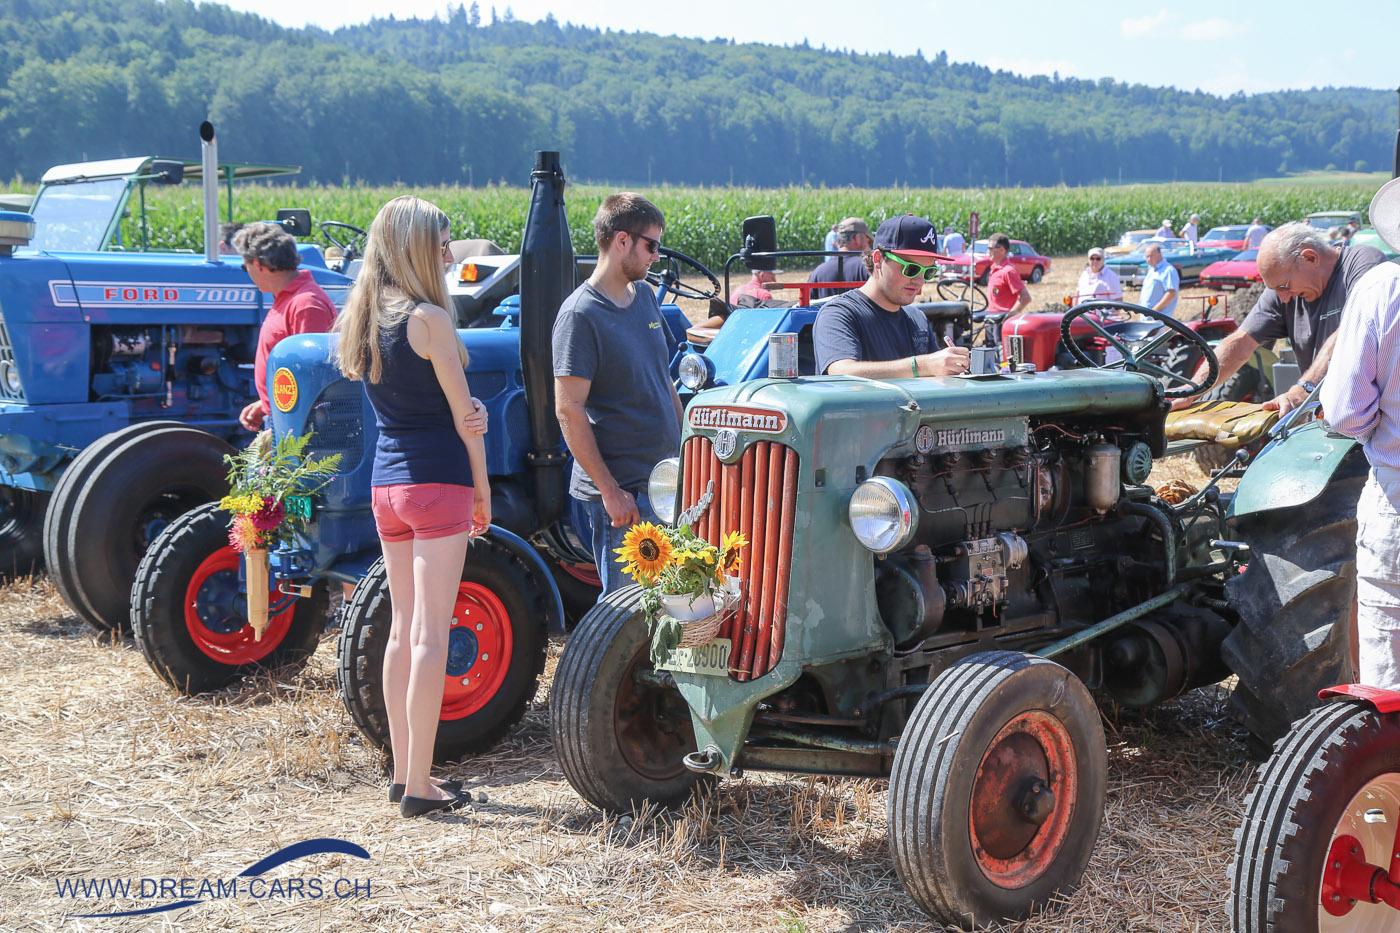 Oldtimertreffen Bleienbach, 29. Juli 2018. Das Sonderthema Traktoren und Einachser war spannend